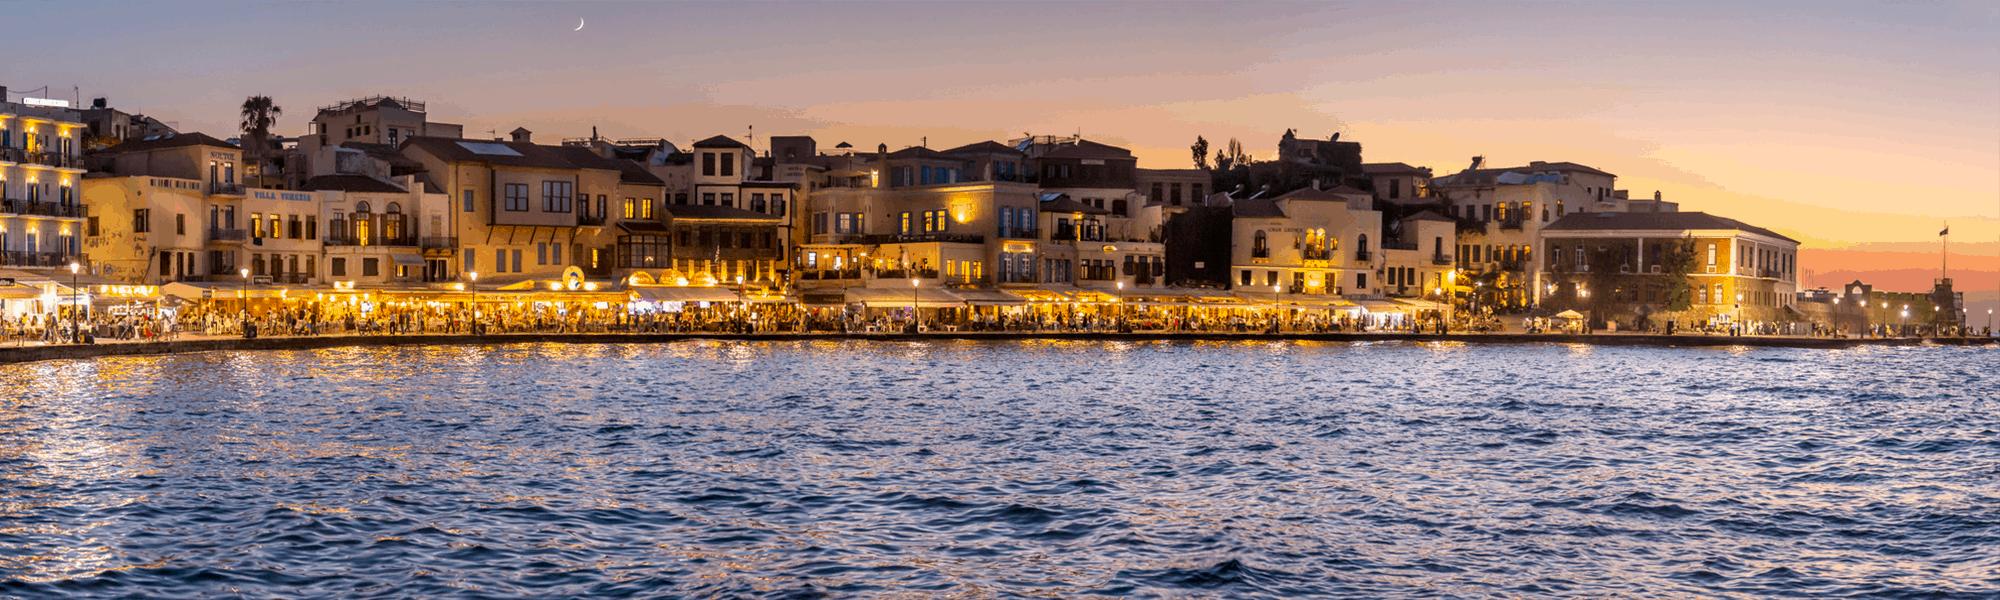 Welcher Griechenland-Reisetyp bist du?